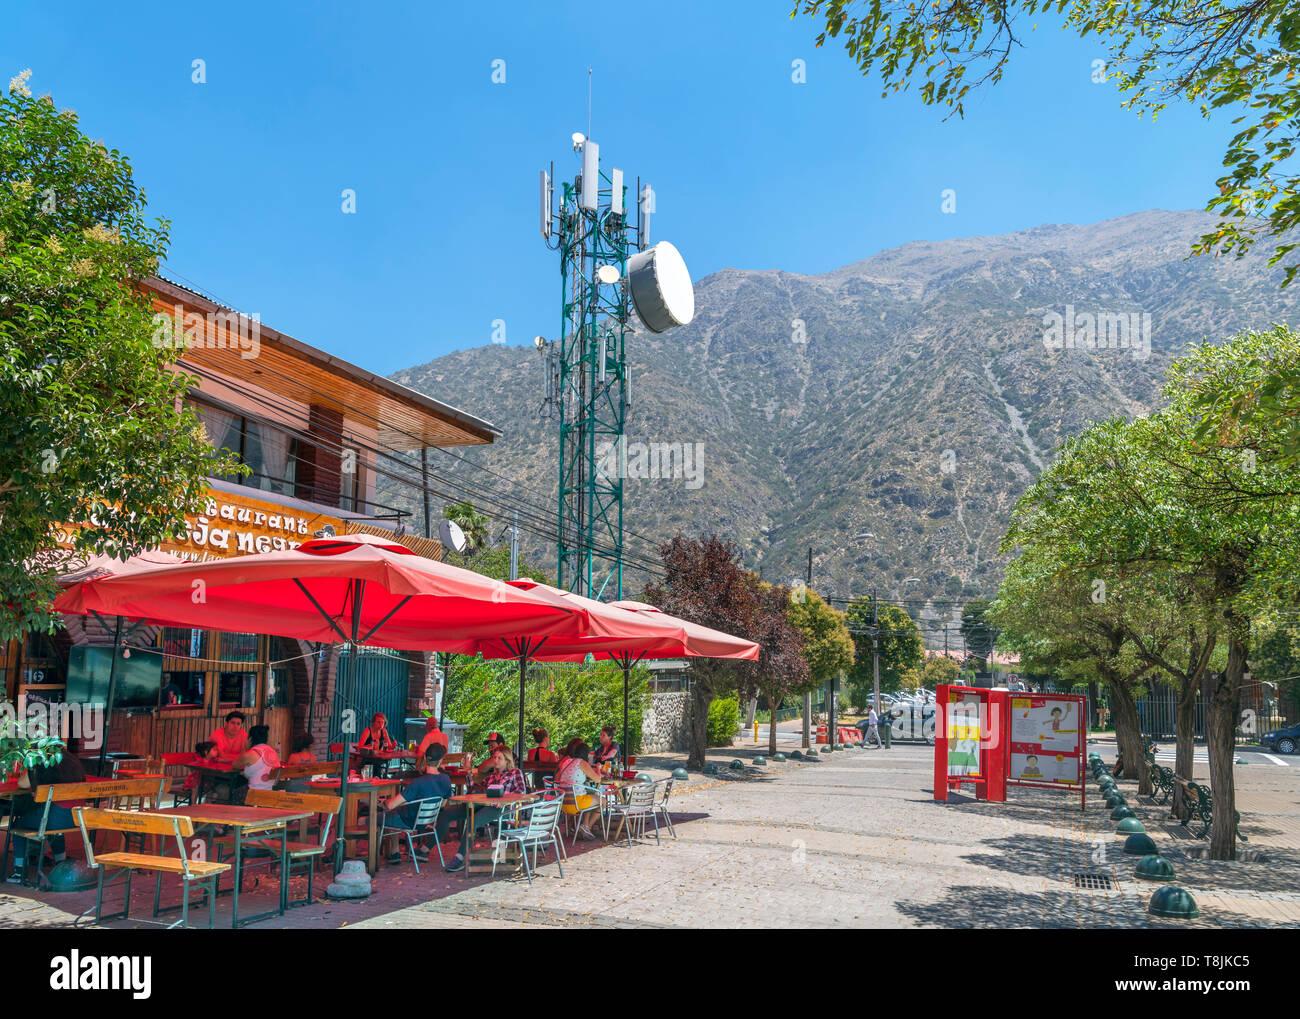 Ristorante accanto a un telefono mobile montante in San Jose de Maipo, Cordillera Provincia, Cile, Sud America Immagini Stock